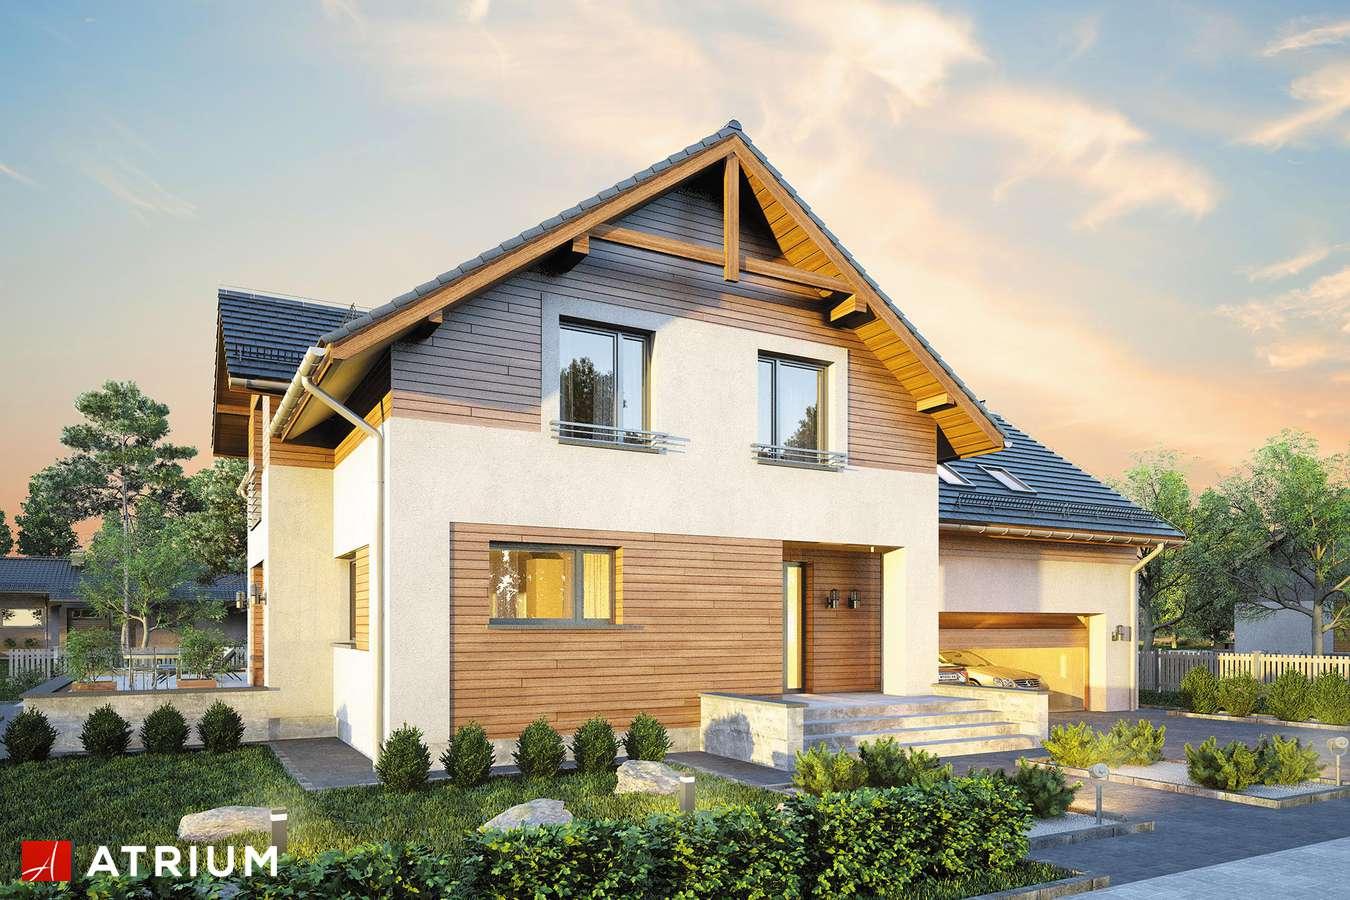 Projekty domów - Projekt domu z poddaszem JUPITER XIV - wizualizacja 1 - wersja lustrzana